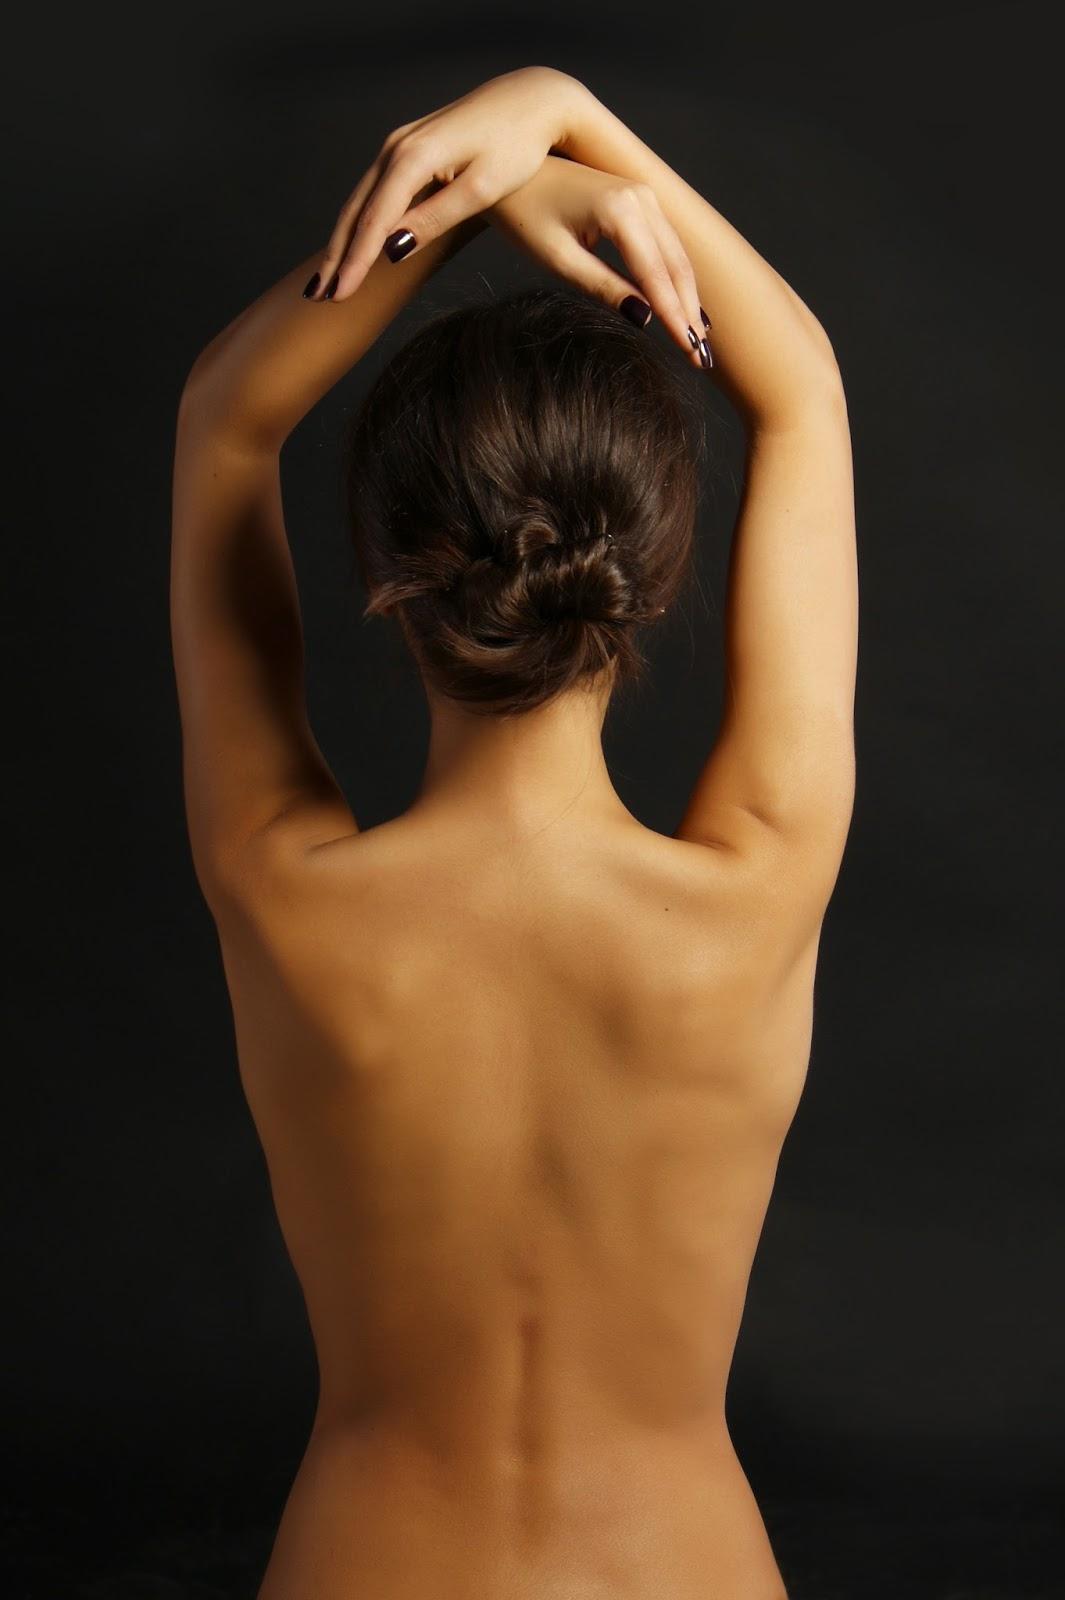 13 Partes Del Cuerpo De La Mujer Que Son Irresistibles Para ...